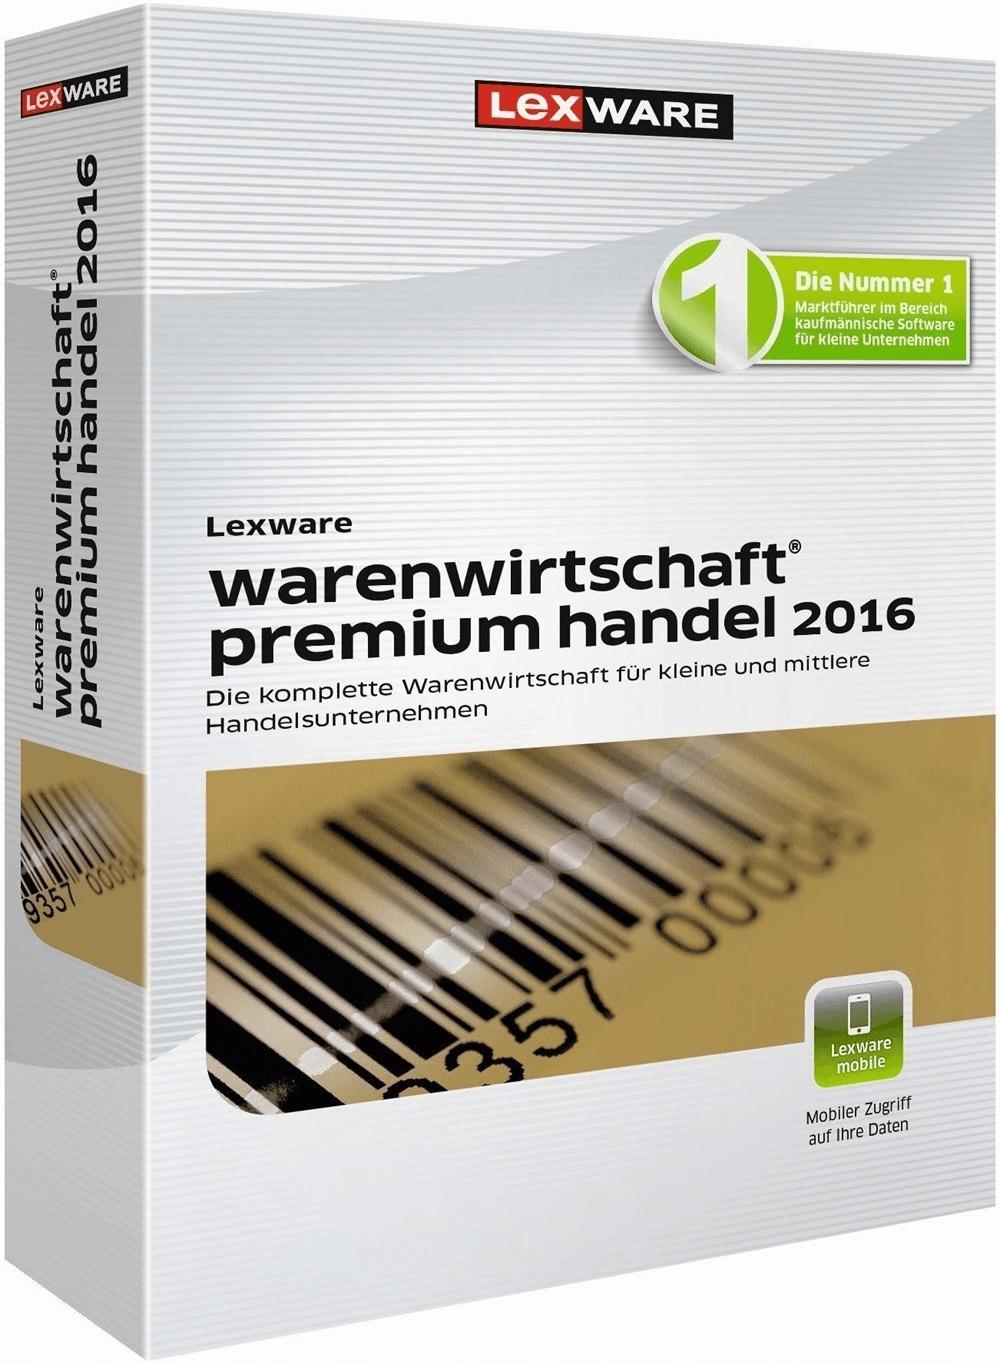 Lexware Warenwirtschaft 2017 Premium Handel (Box)